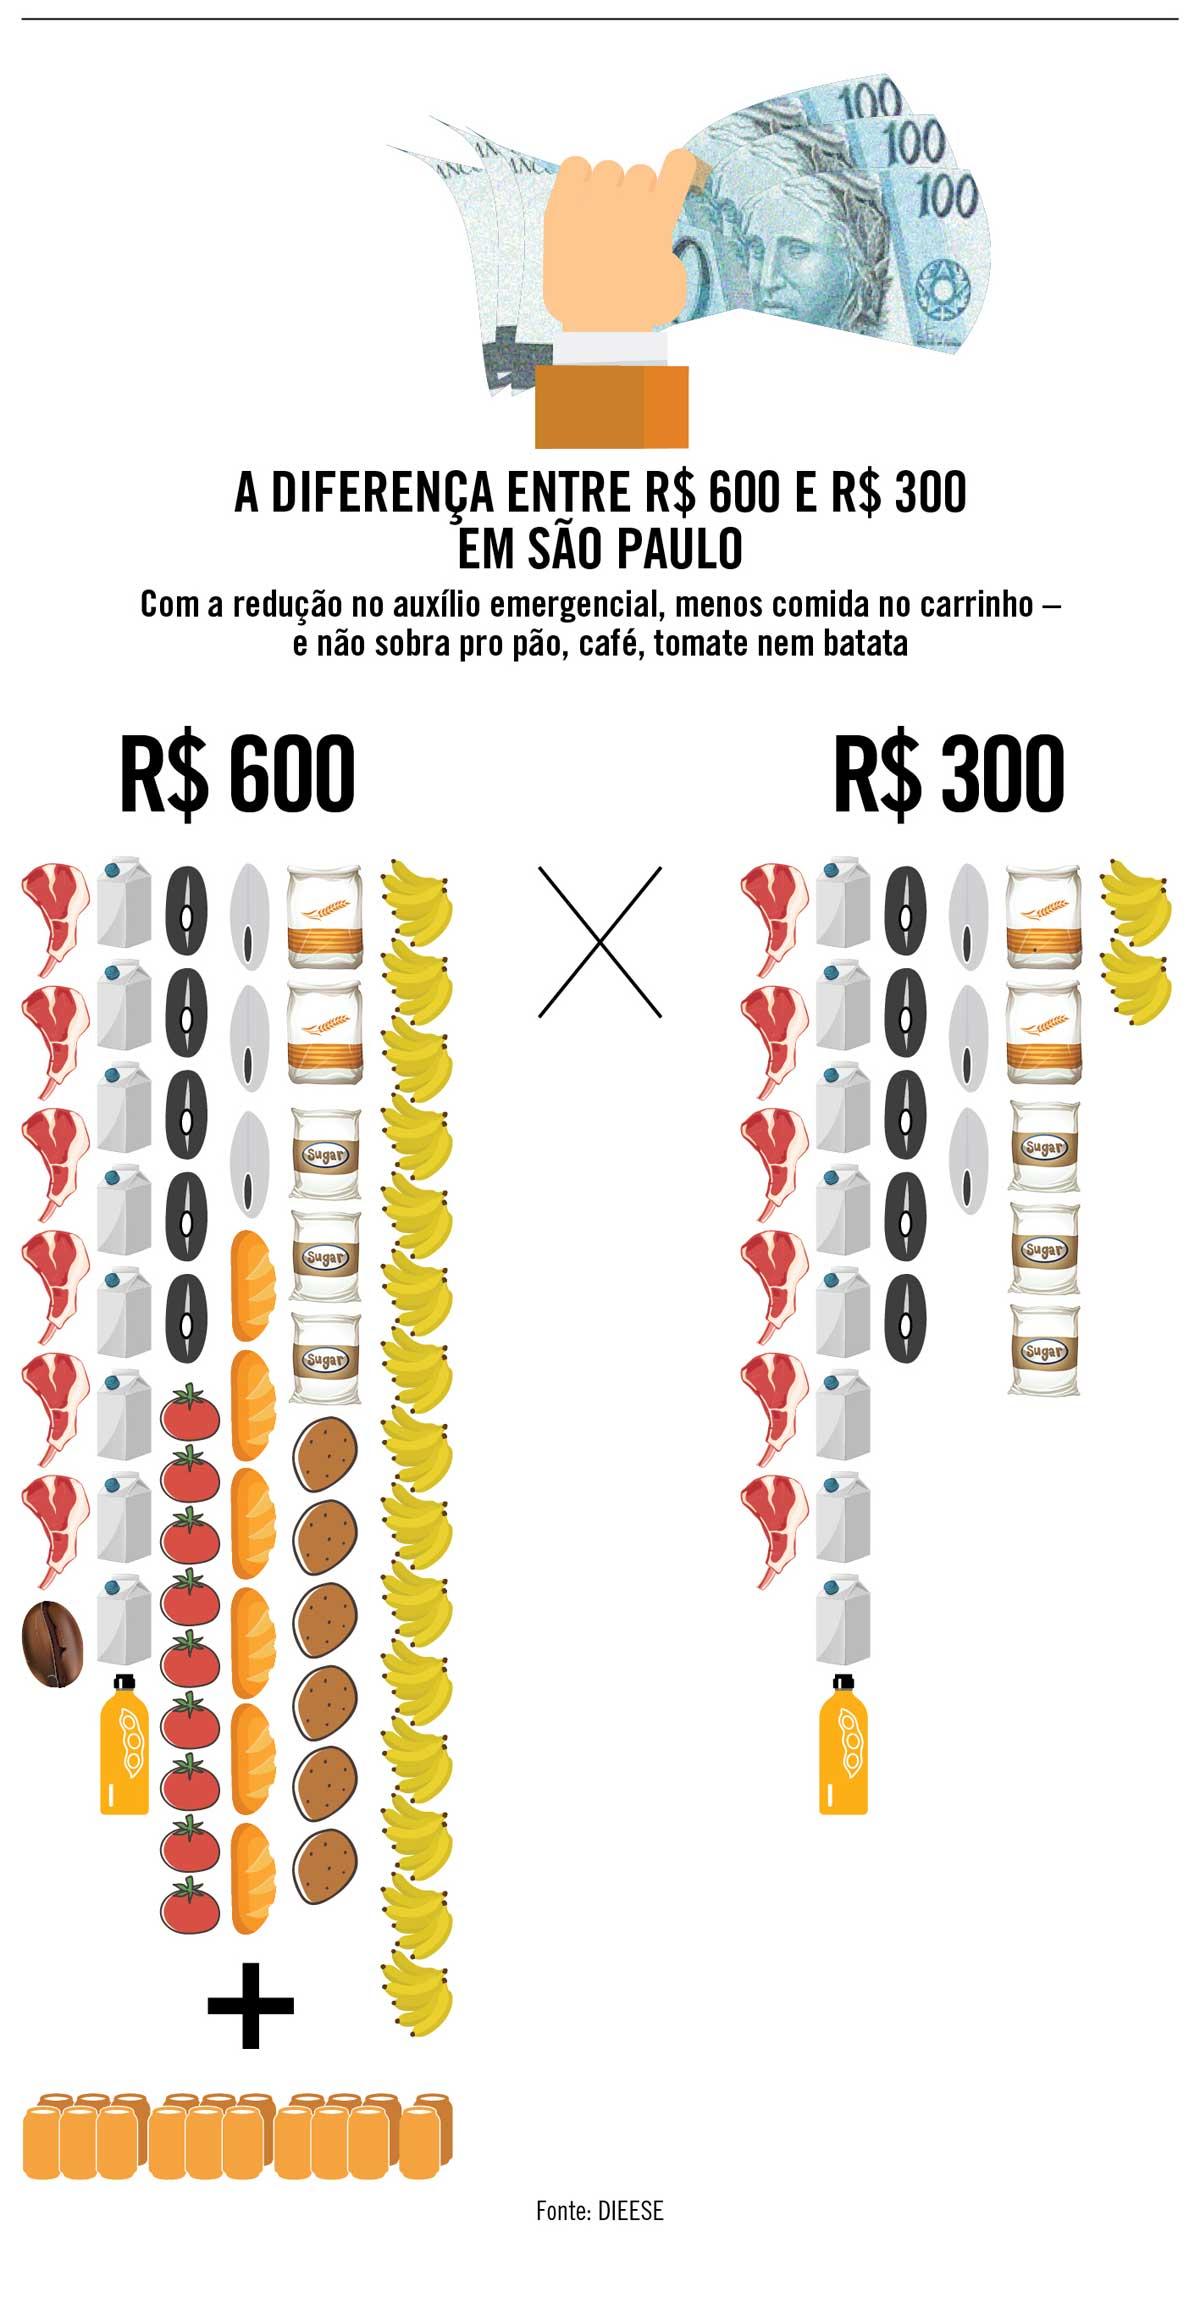 A diferença entre 600 reais e 300 reais em São Paulo